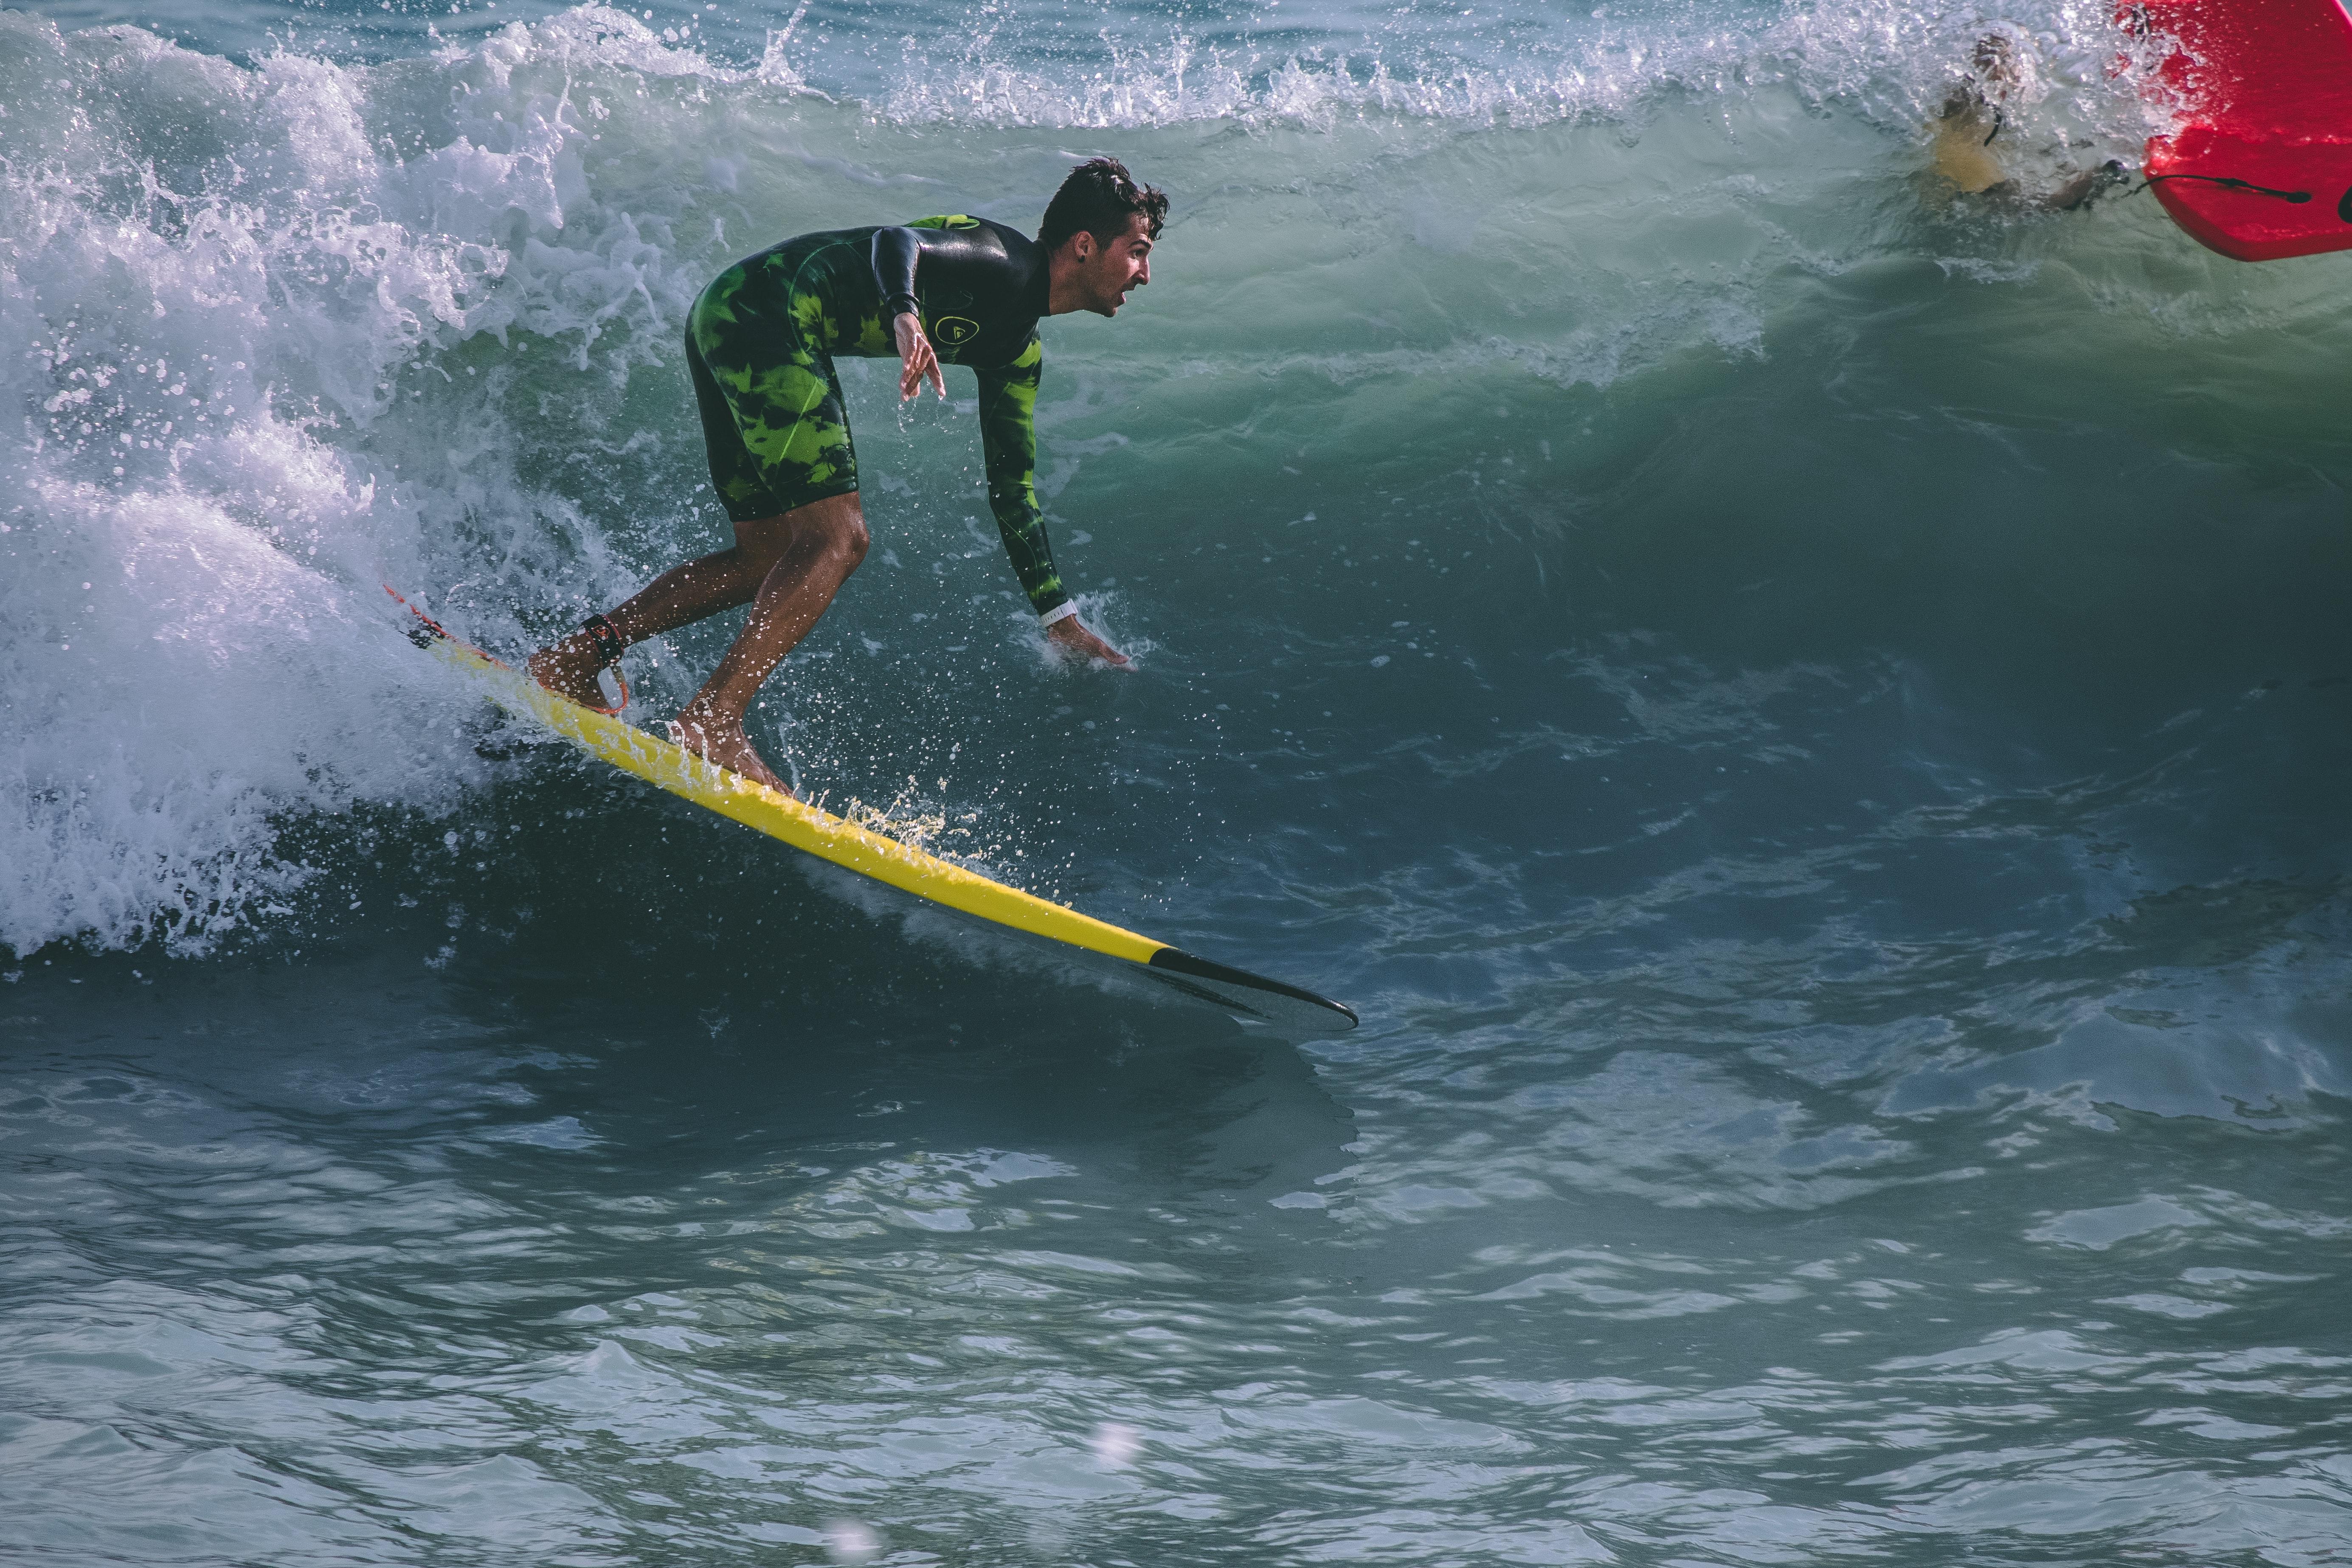 Cinq conseils pour les surfeurs débutants